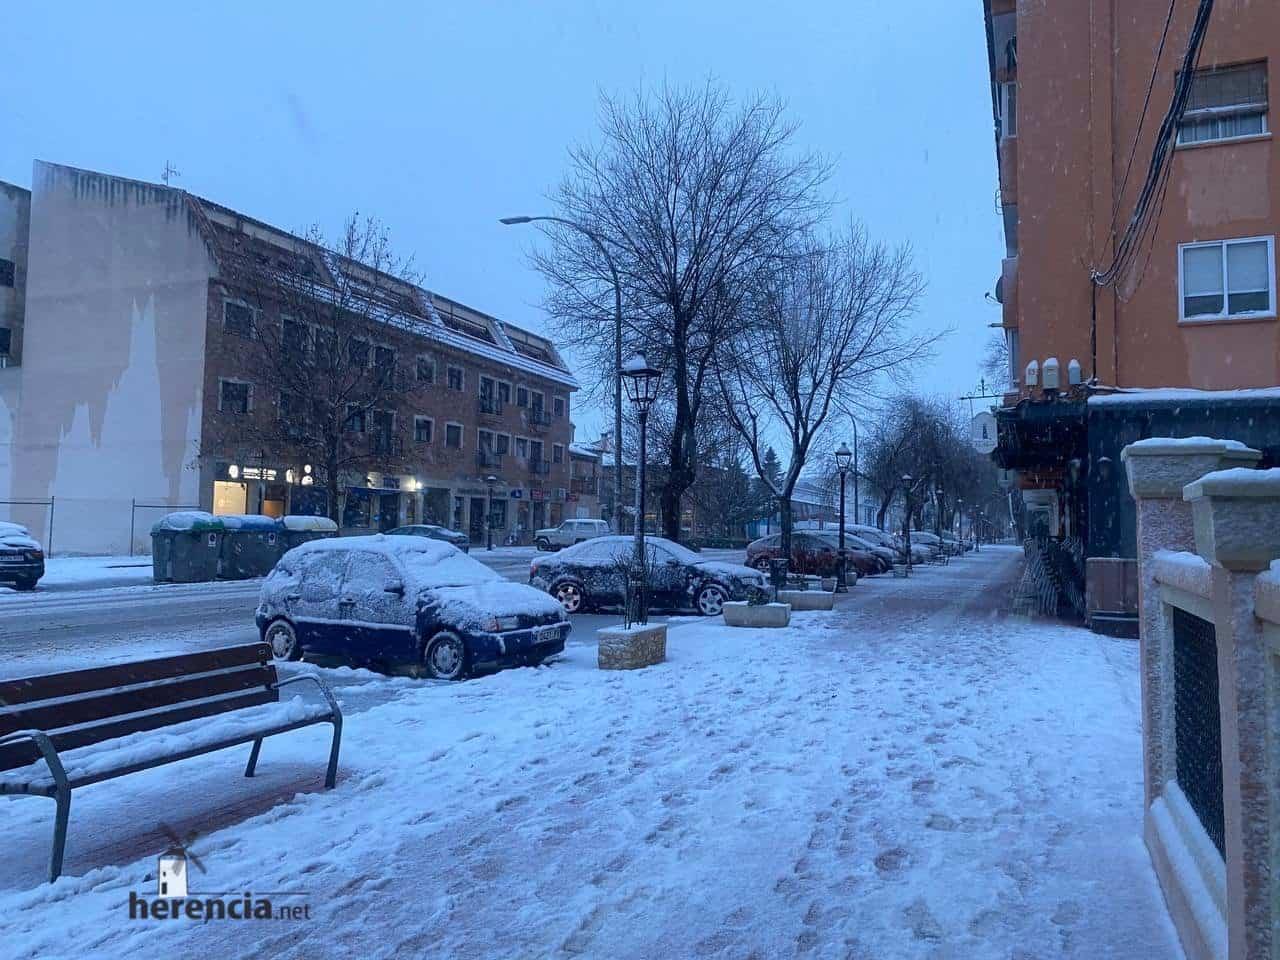 Más fotografías de las nieves de 2021 en Herencia 134